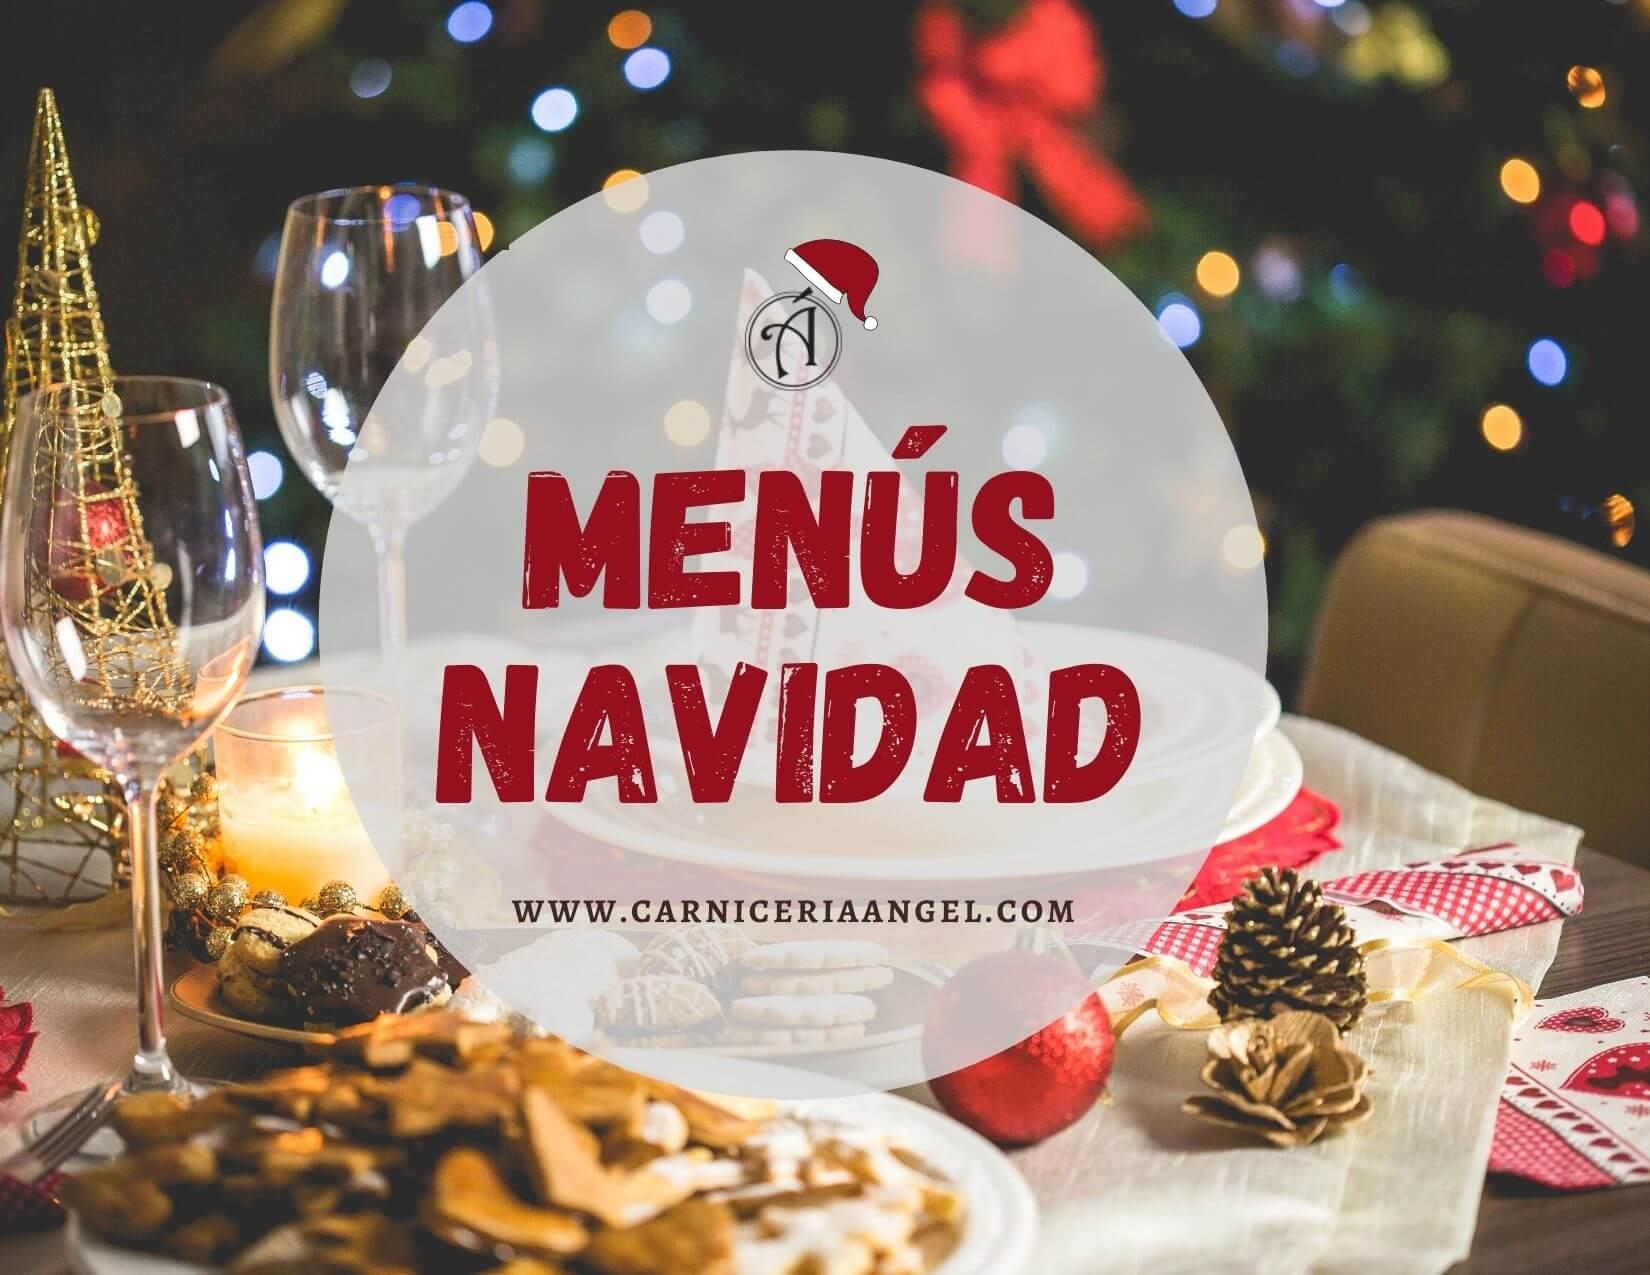 Menús de Navidad en Carnicería Ángel